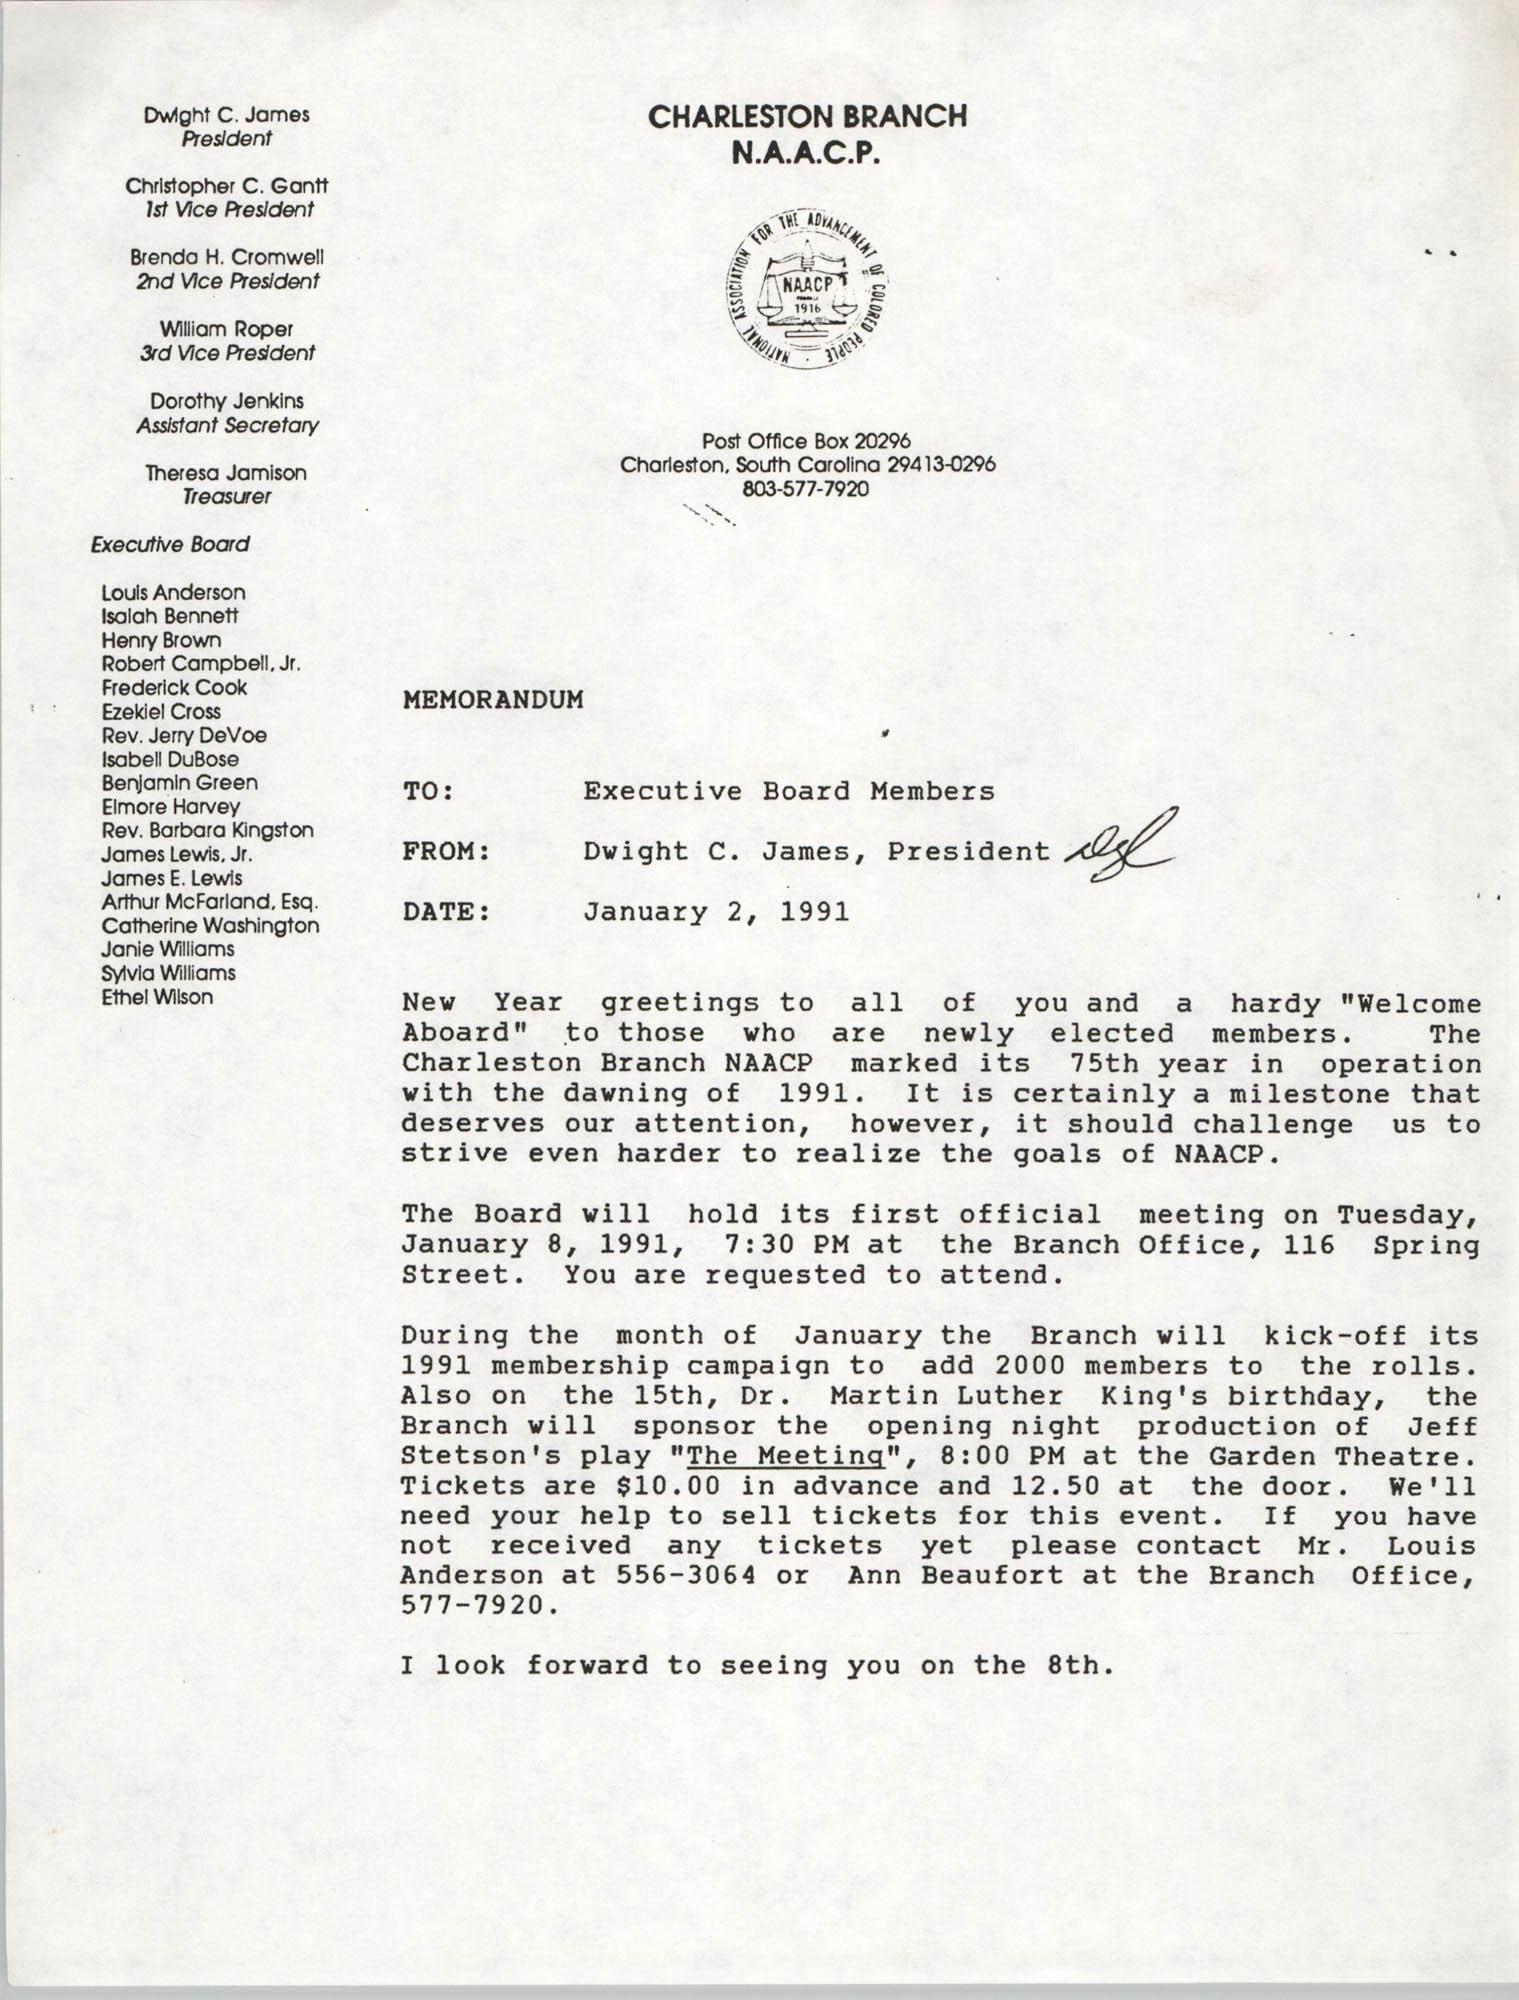 Charleston Branch of the NAACP Memorandum, January 2, 1991